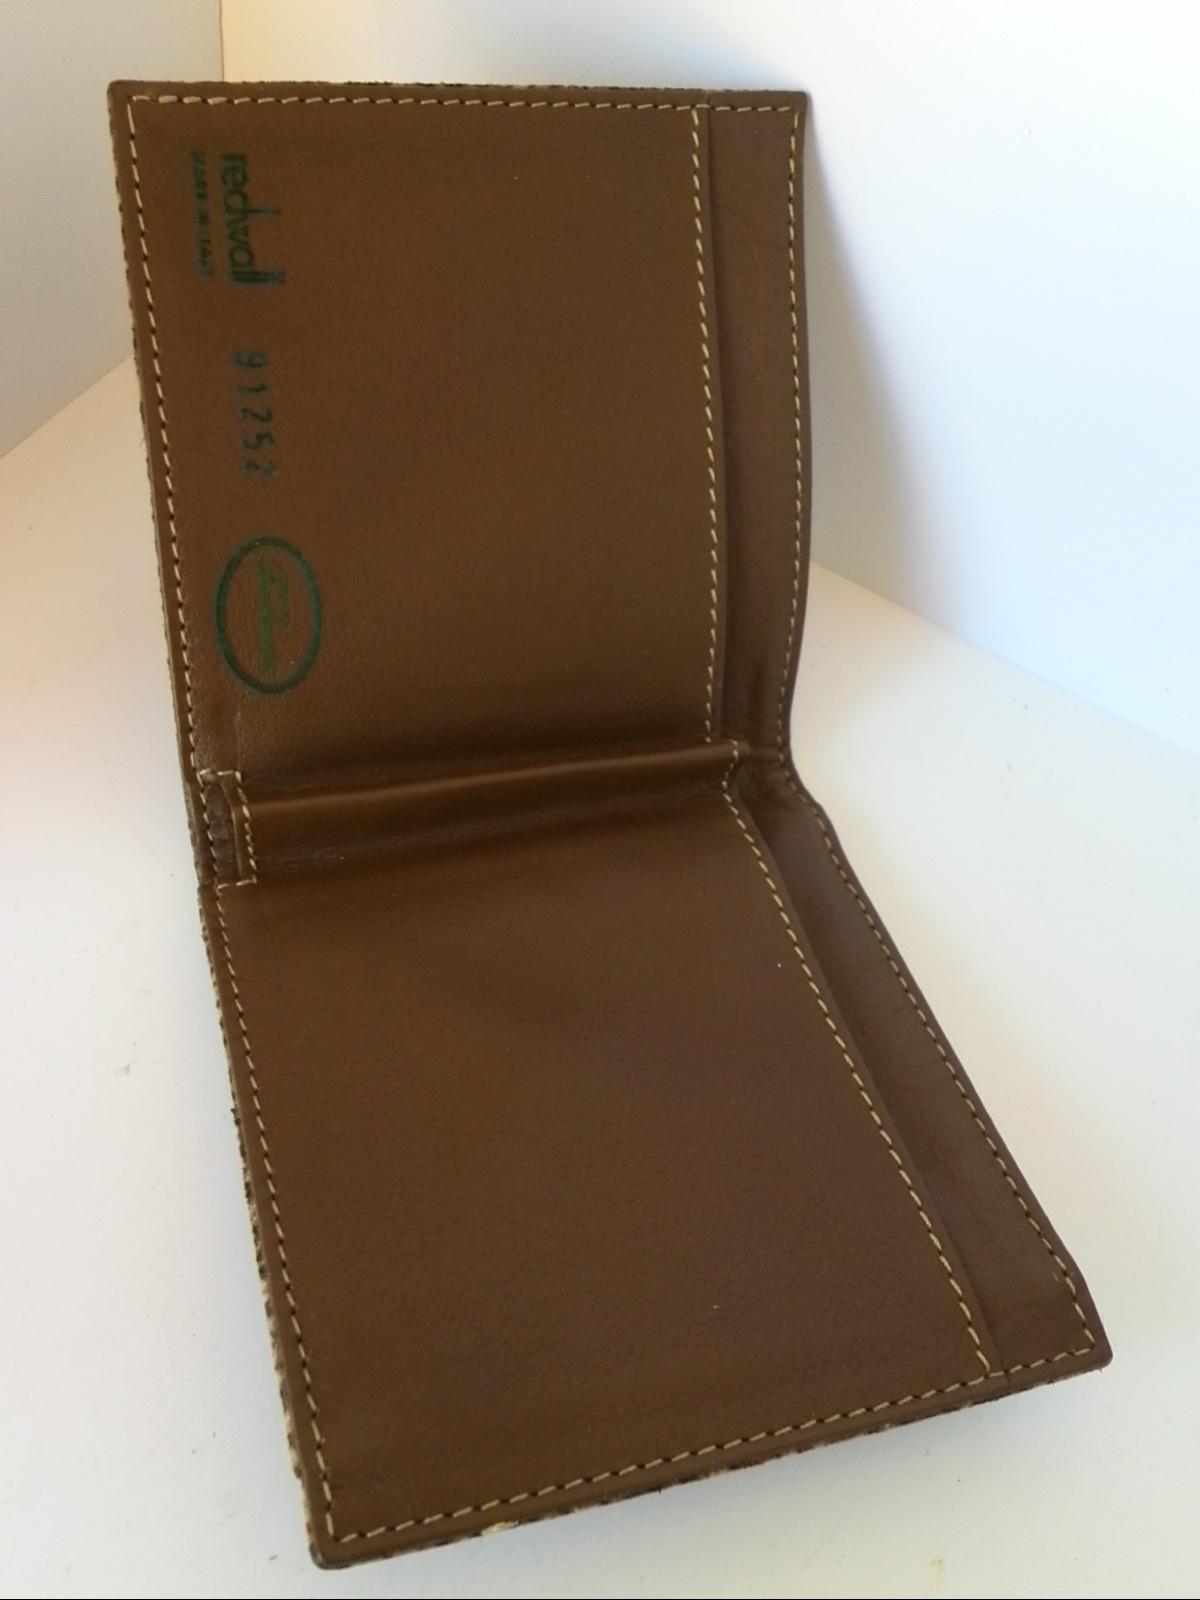 REDWALL(レッドウォール)の2つ折り財布